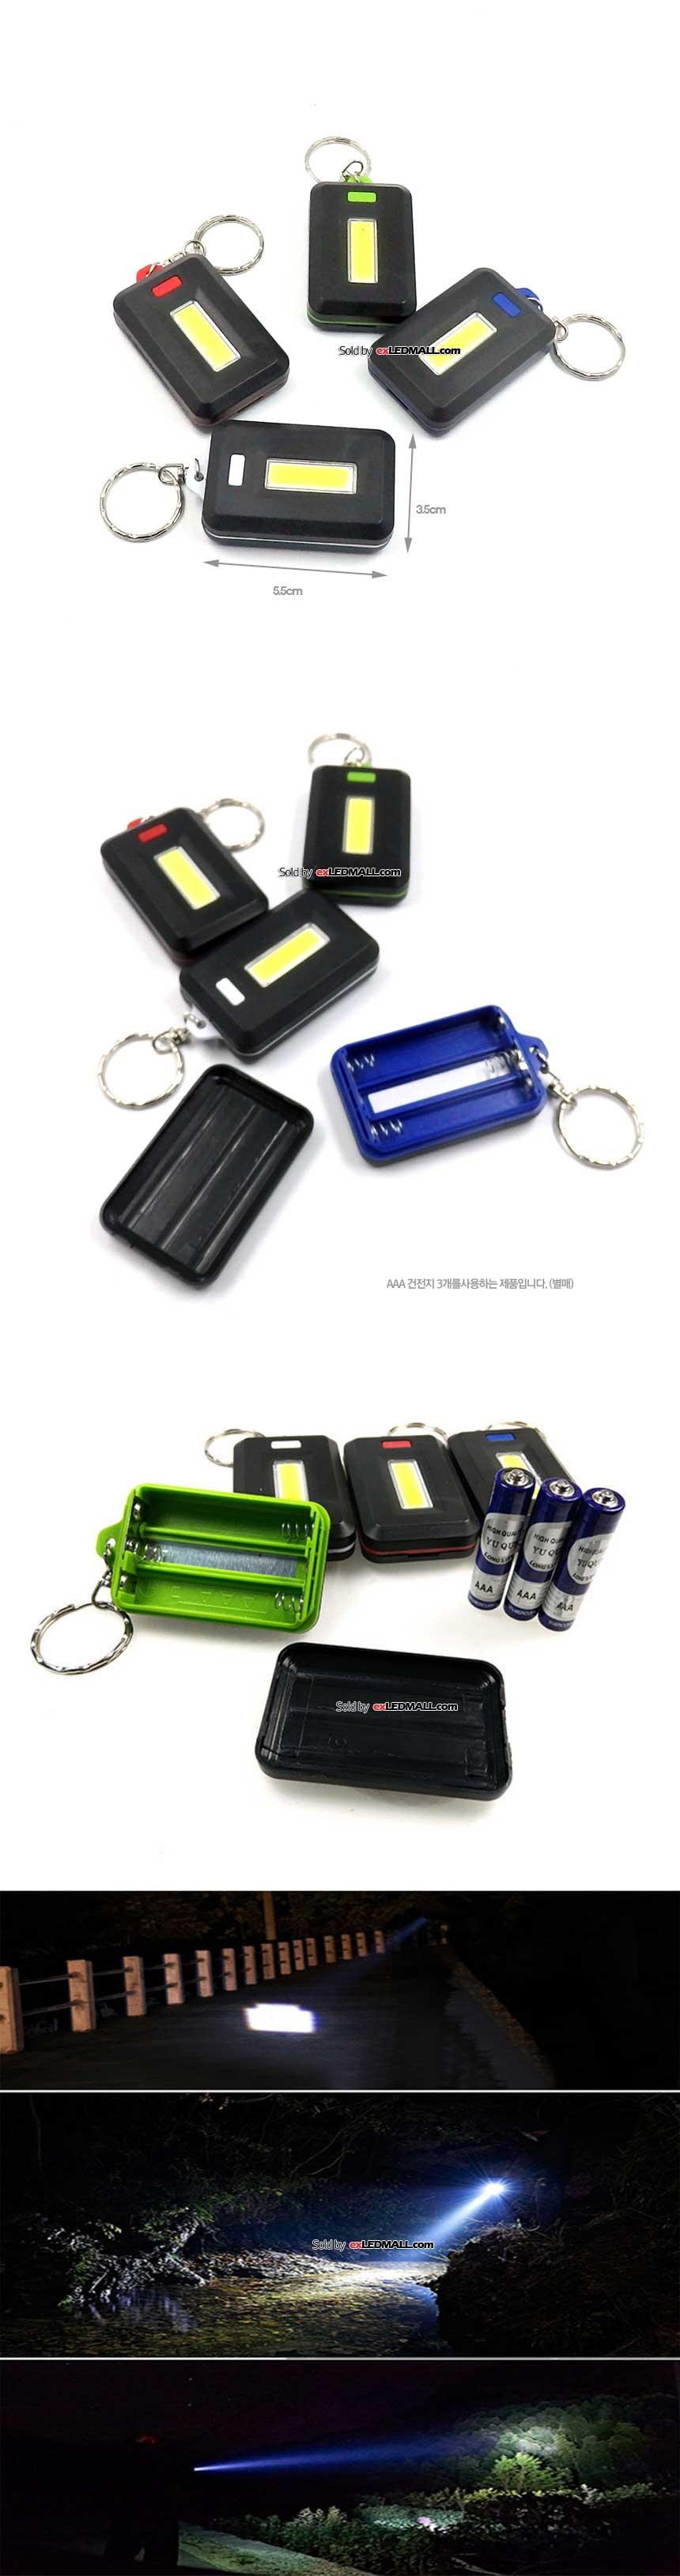 열쇠고리용 3W COB 후래쉬 LED (AAA건전지용)